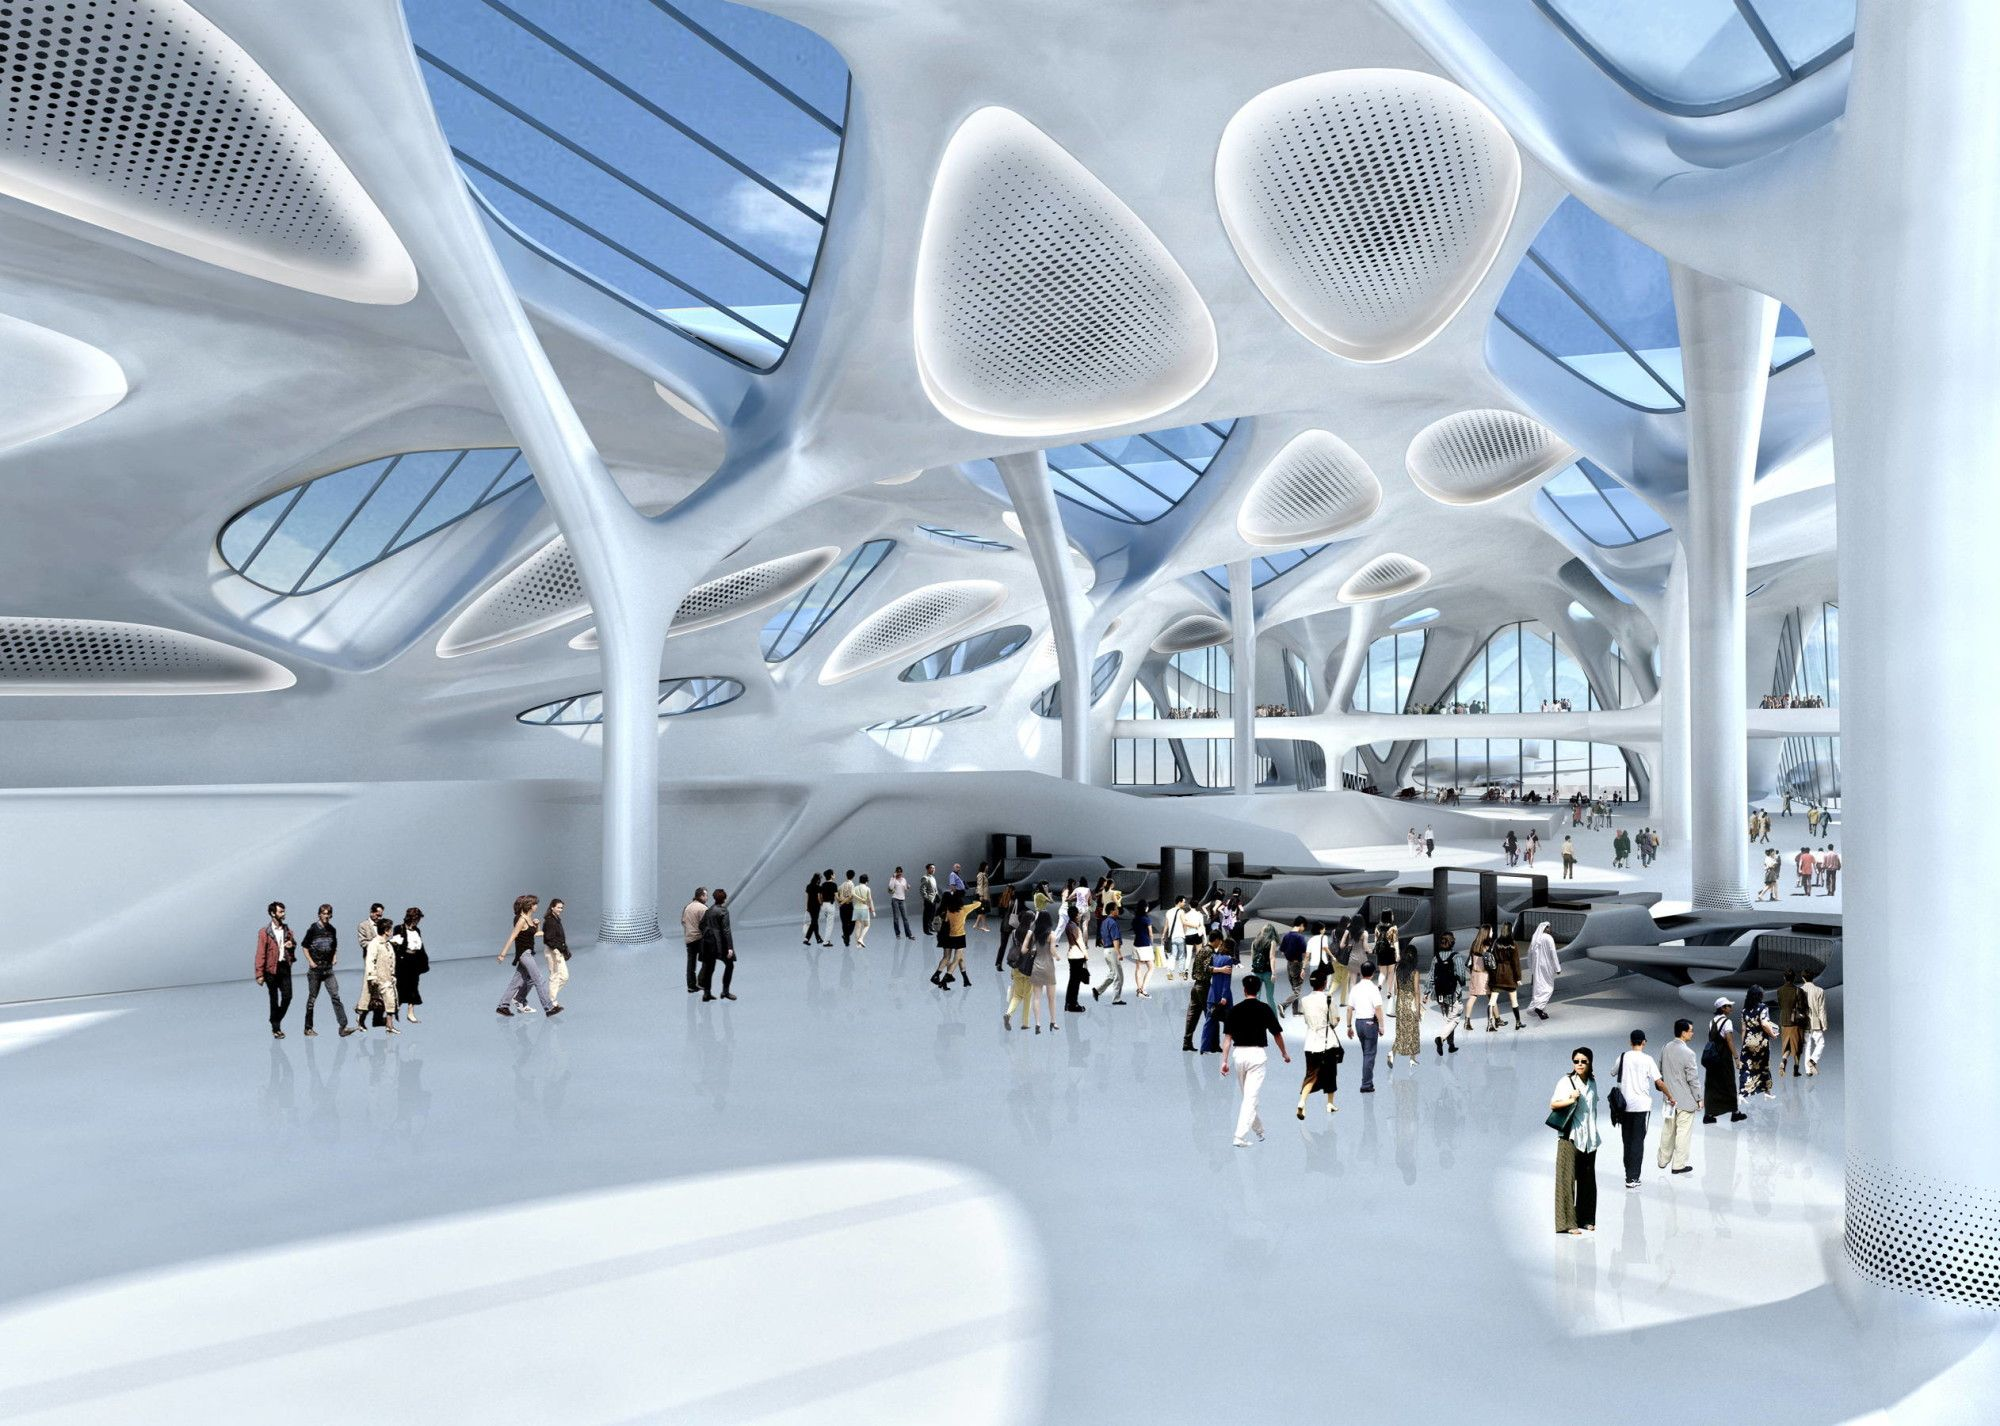 Zagreb Airport Zaha Hadid Architects Arch2o Com Zaha Hadid Zaha Hadid Architects Zaha Hadid Architecture